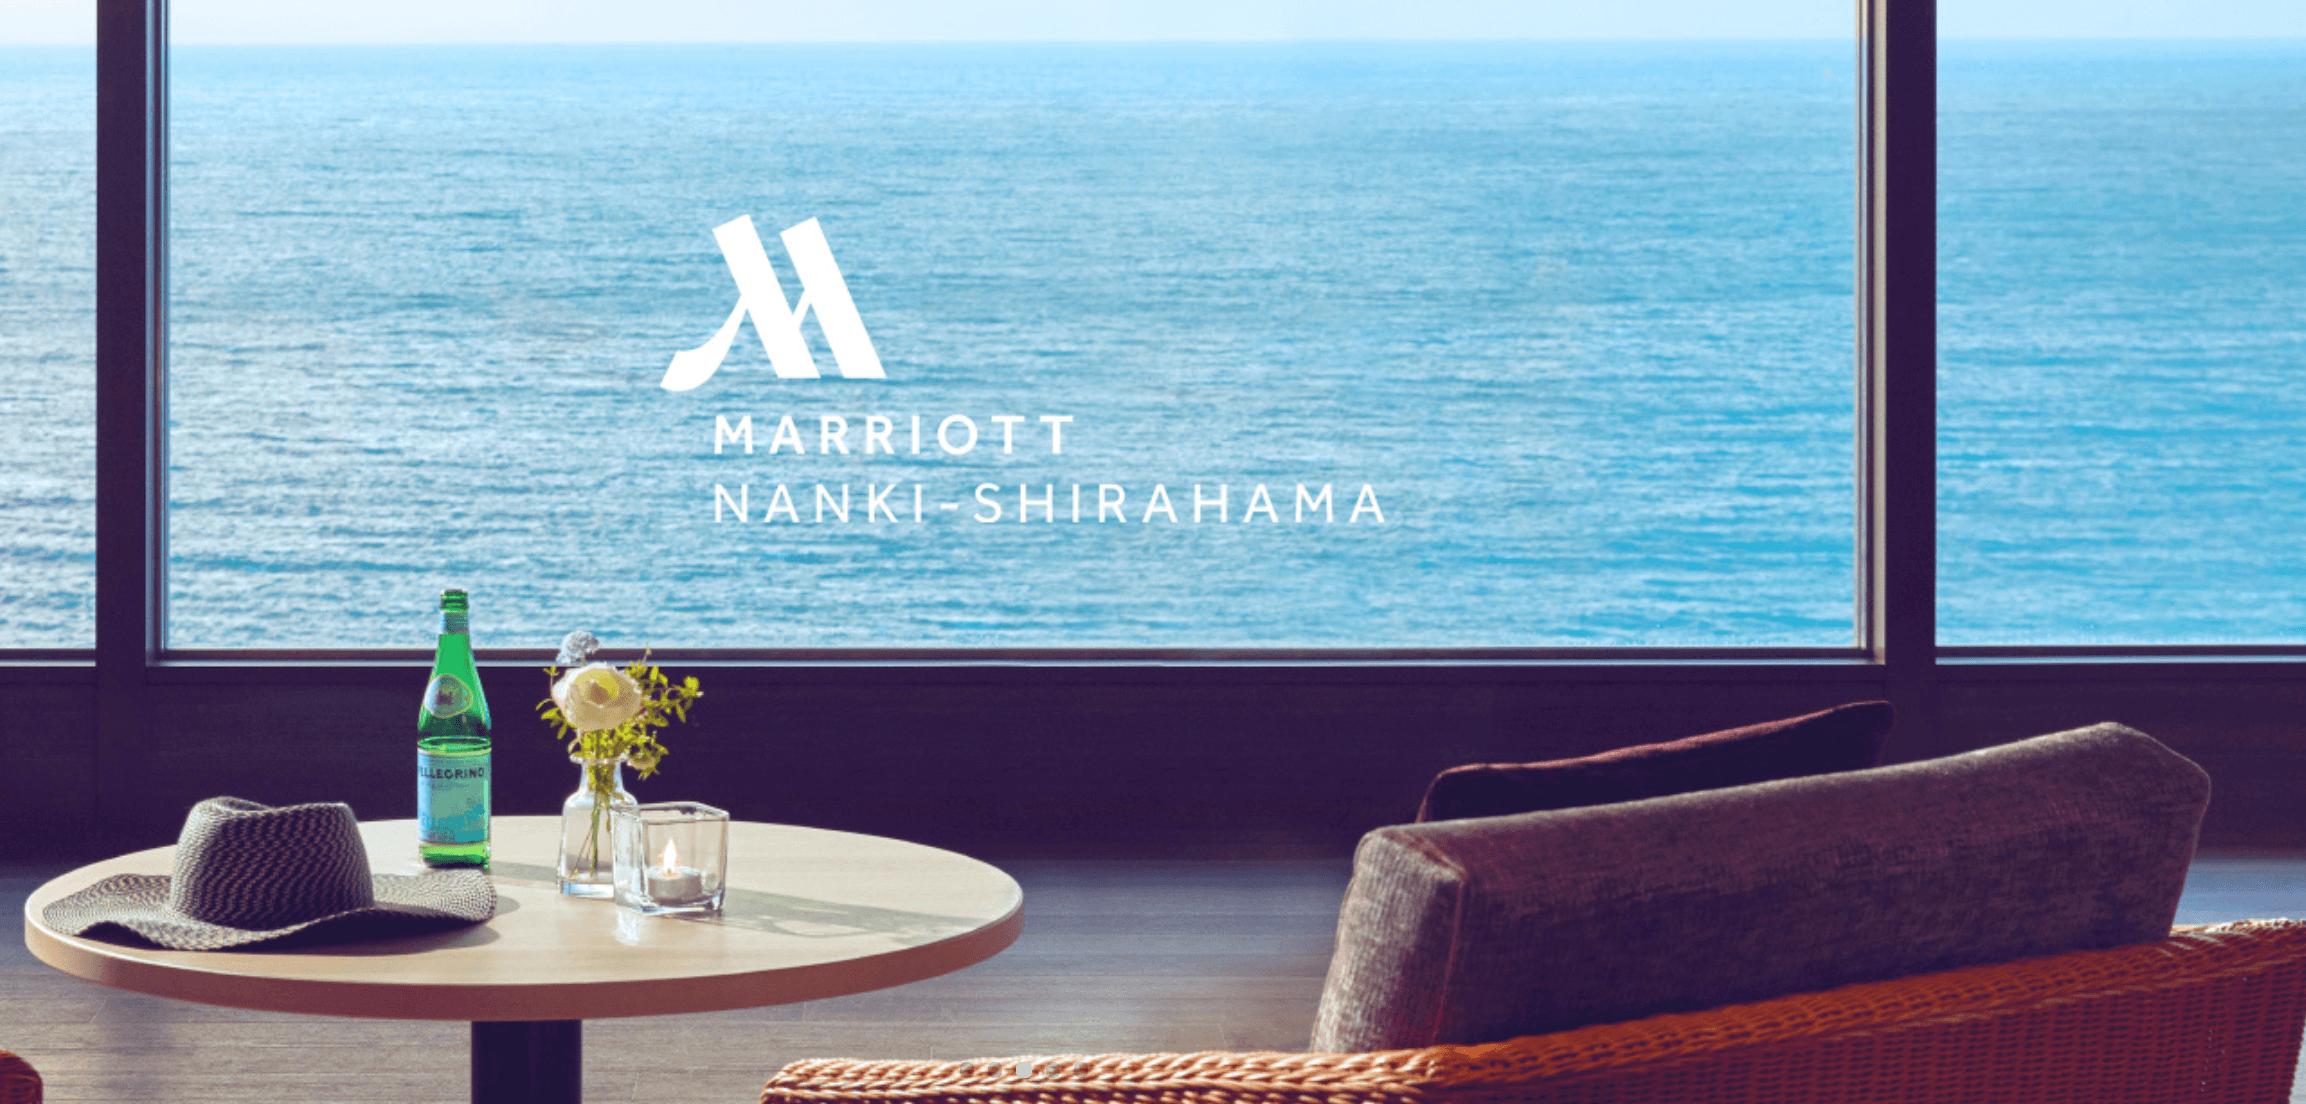 和歌山でパパ活におすすめなホテル「南紀白浜マリオットホテル」